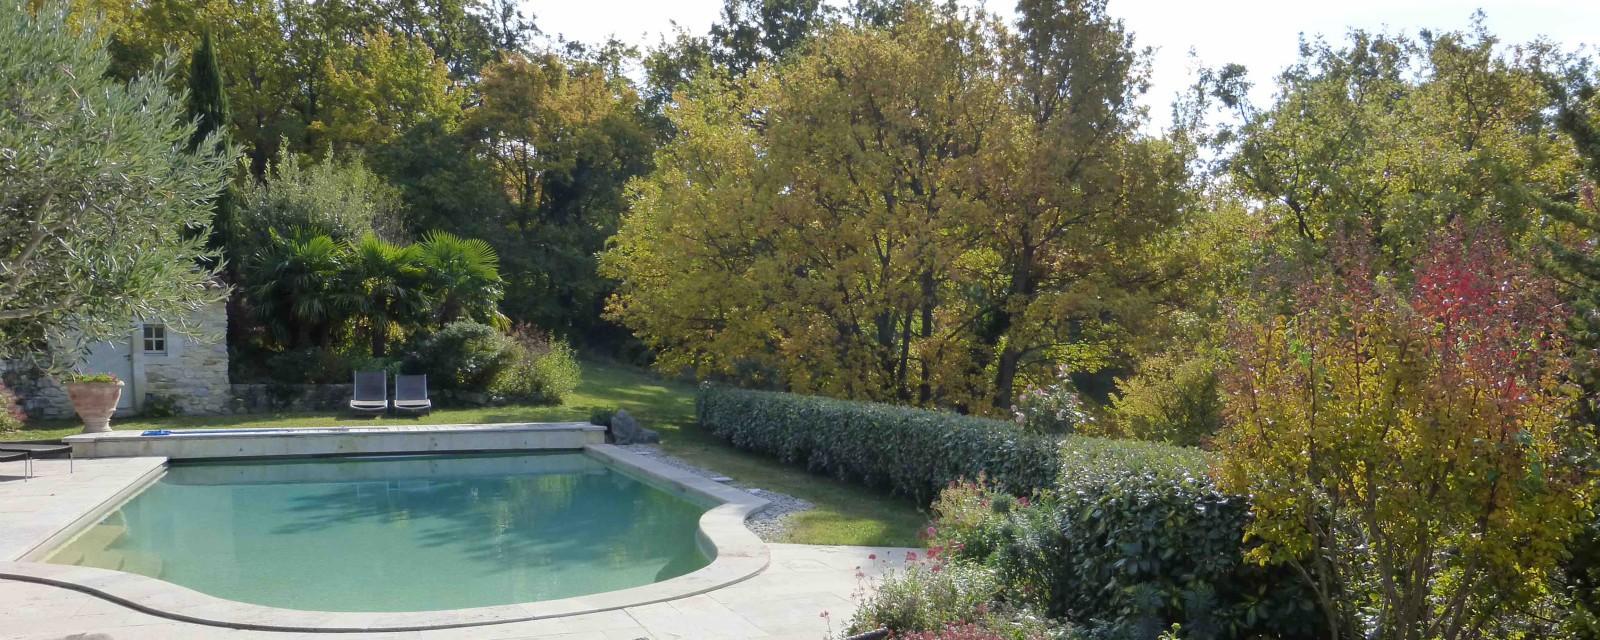 Domaine du Roc piscine